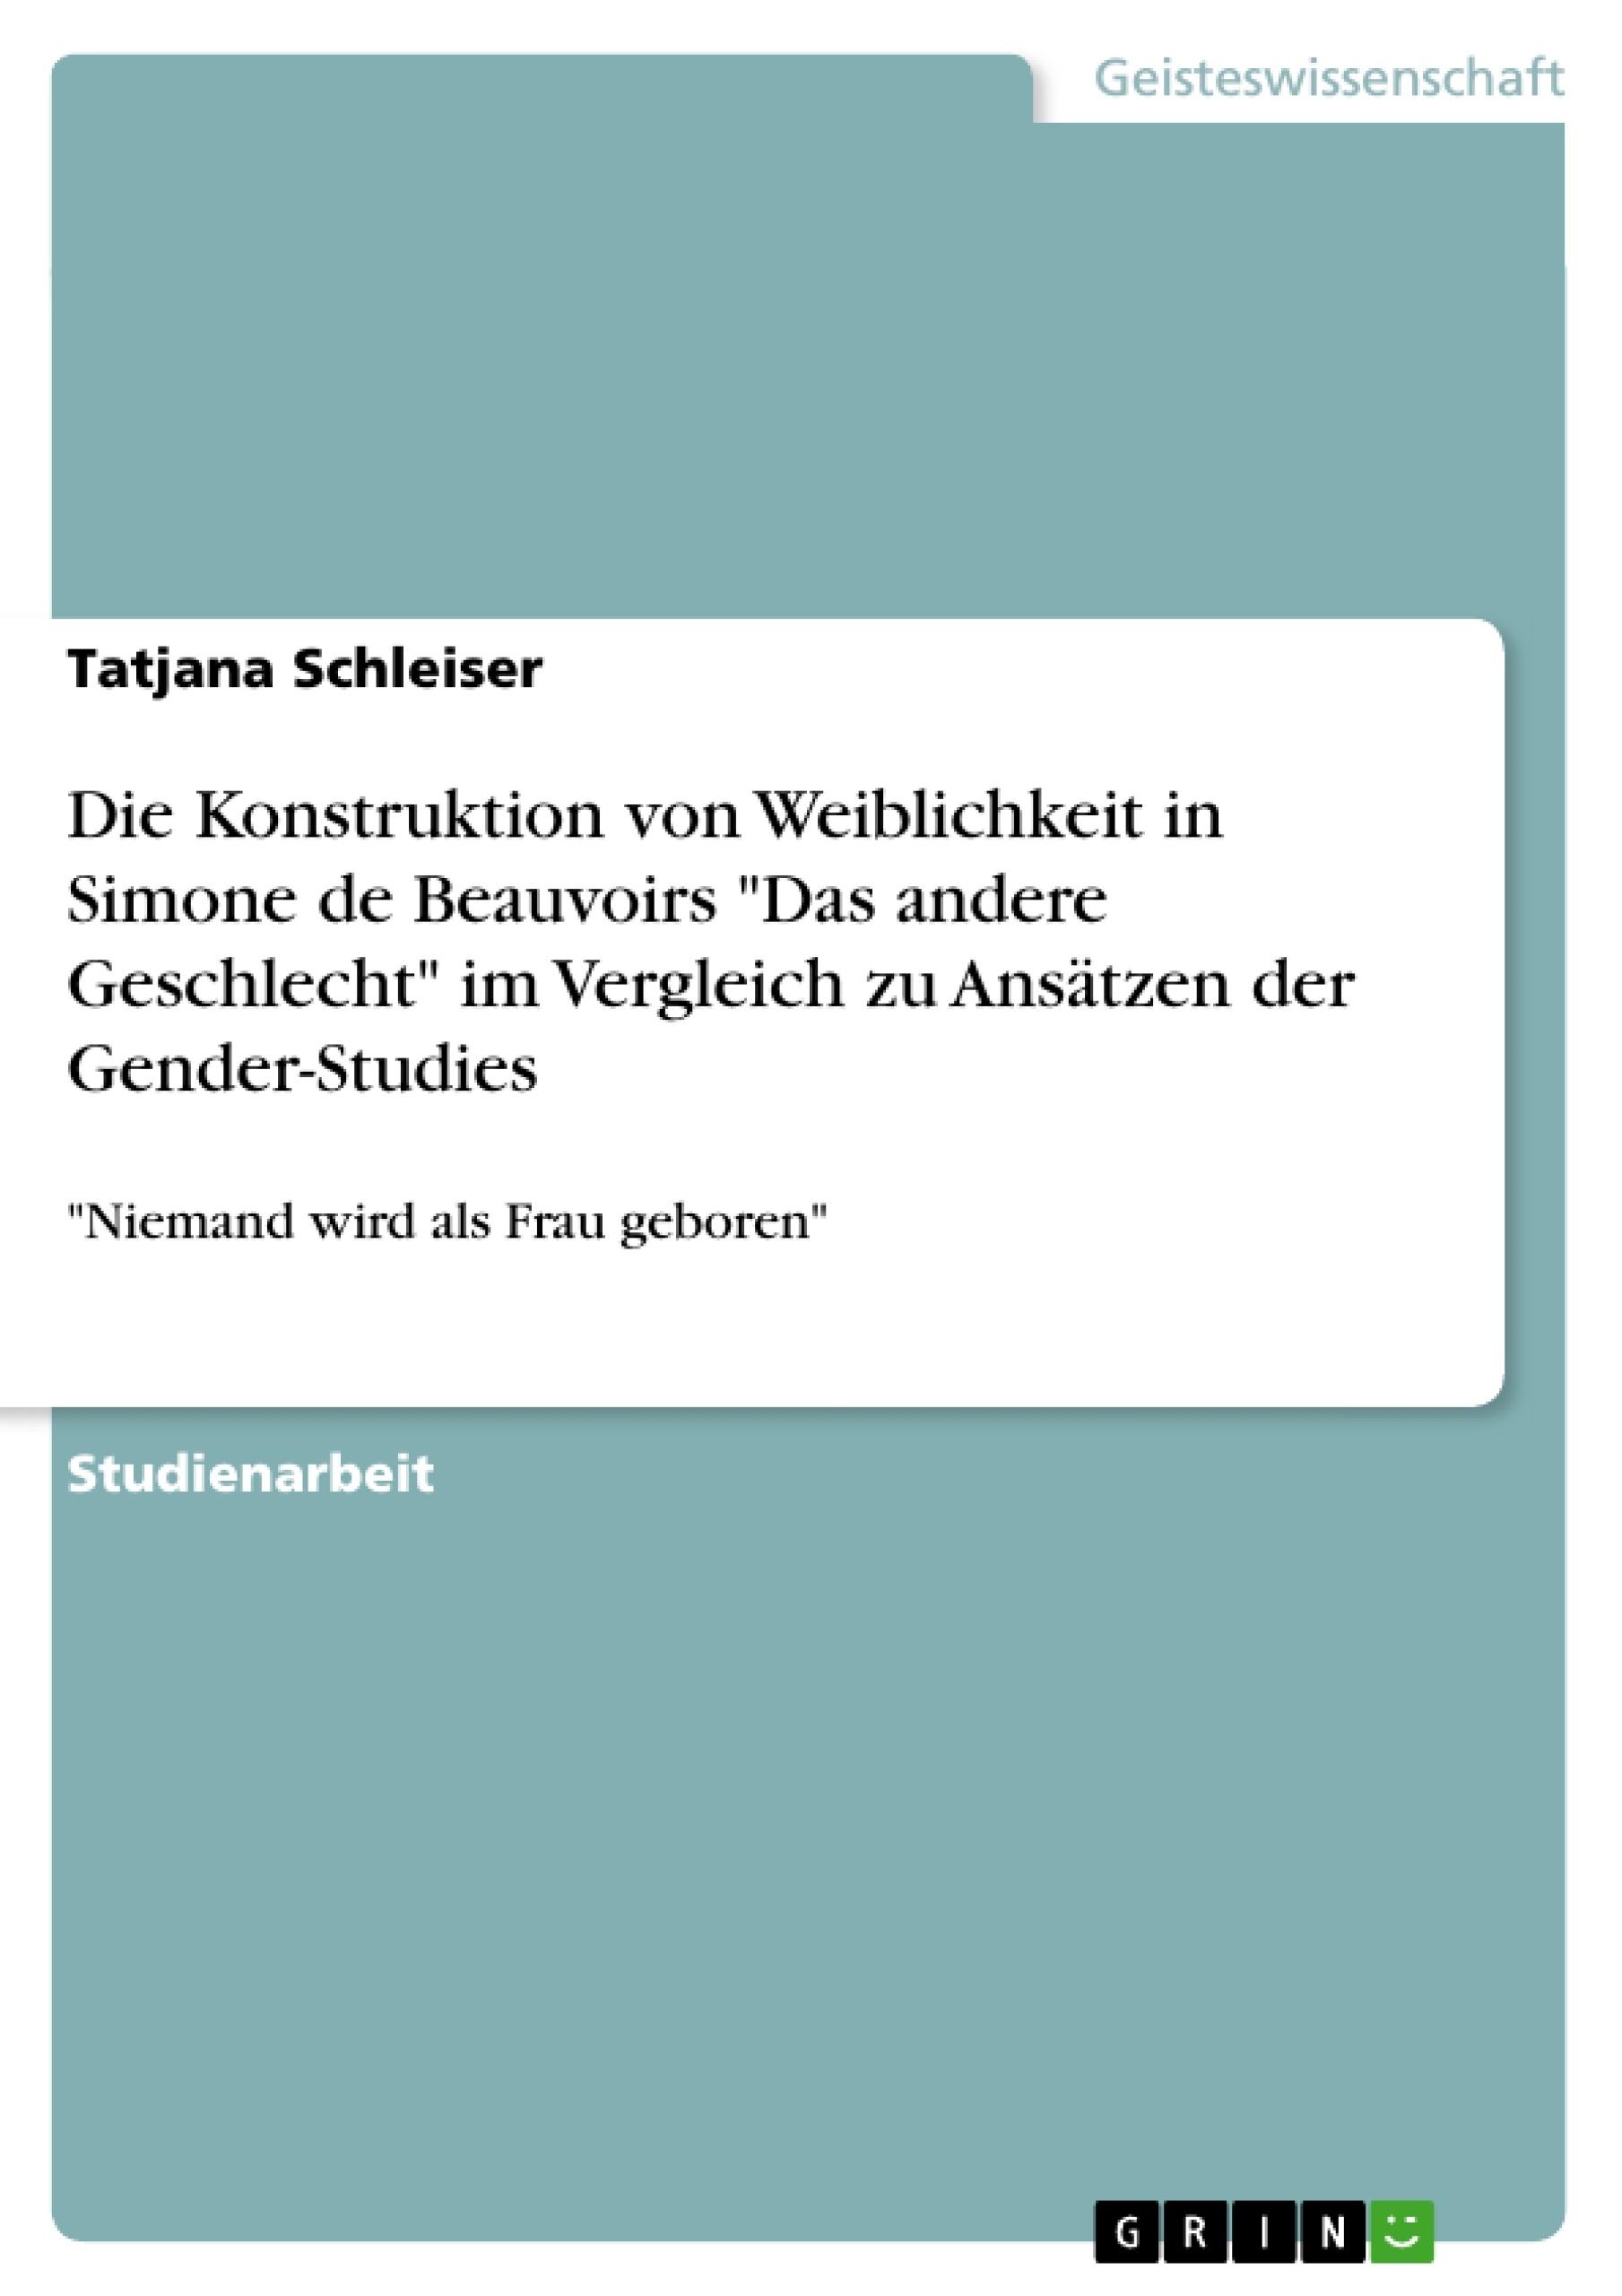 """Titel: Die Konstruktion von Weiblichkeit in Simone de Beauvoirs """"Das andere Geschlecht"""" im Vergleich zu Ansätzen der Gender-Studies"""